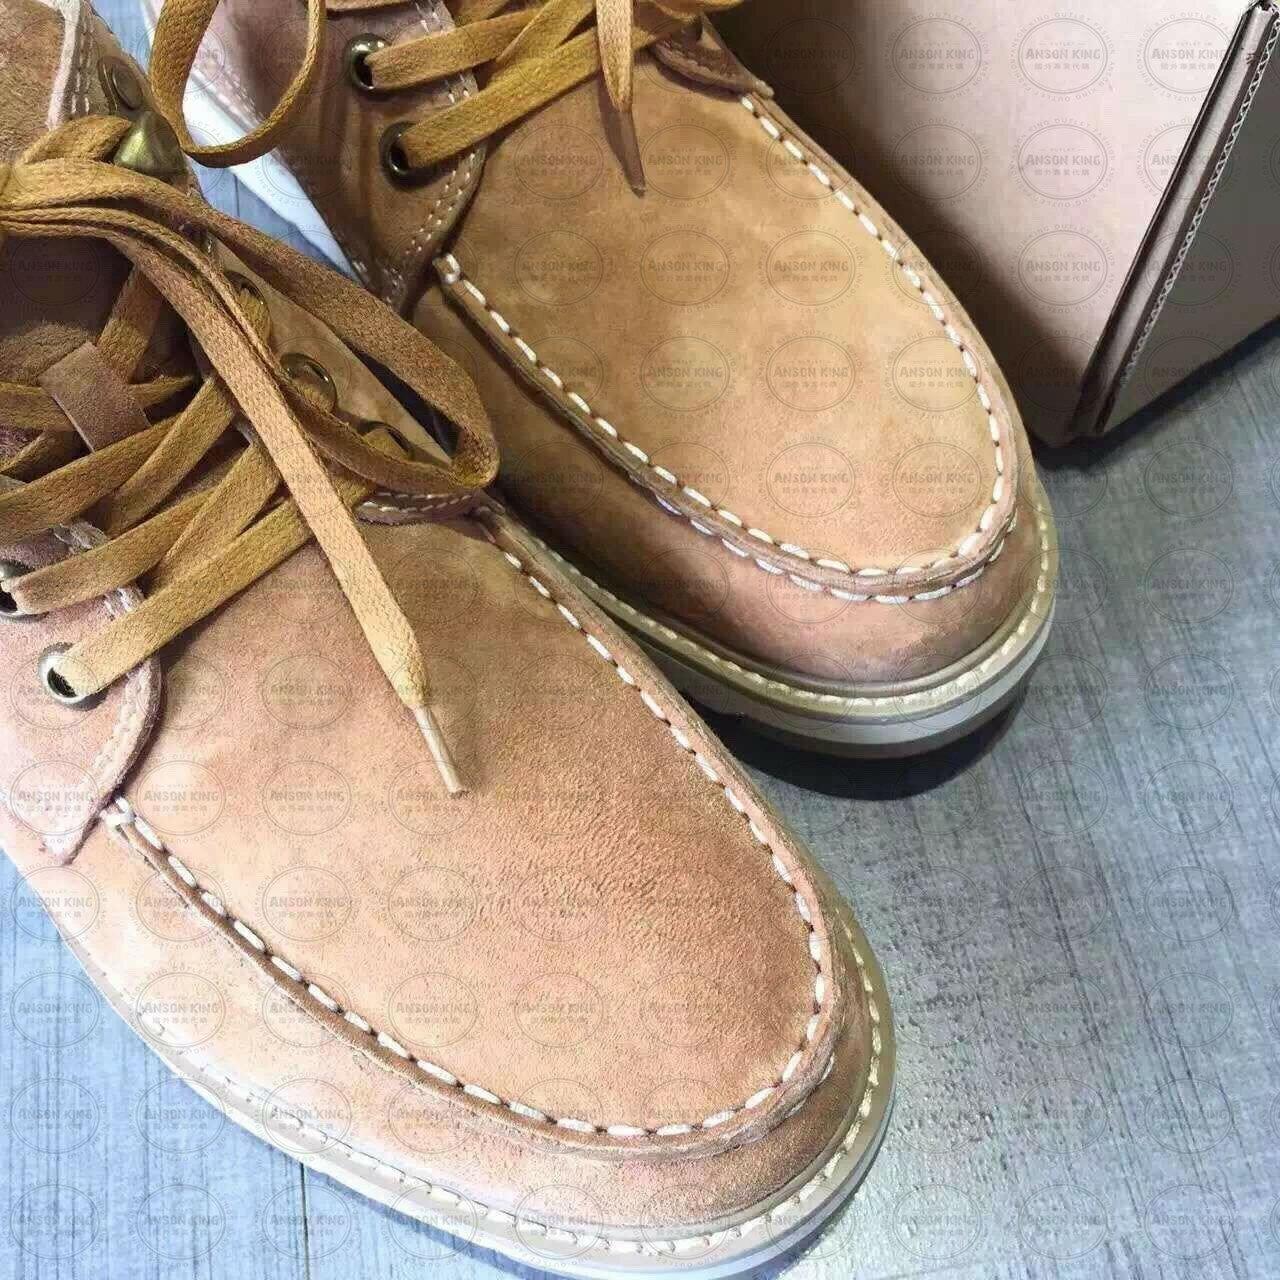 OUTLET正品代購 澳洲 UGG 新款冬季男款貝克漢 皮毛一體 短靴 保暖 真皮羊皮毛 雪靴 短靴 駝色 1